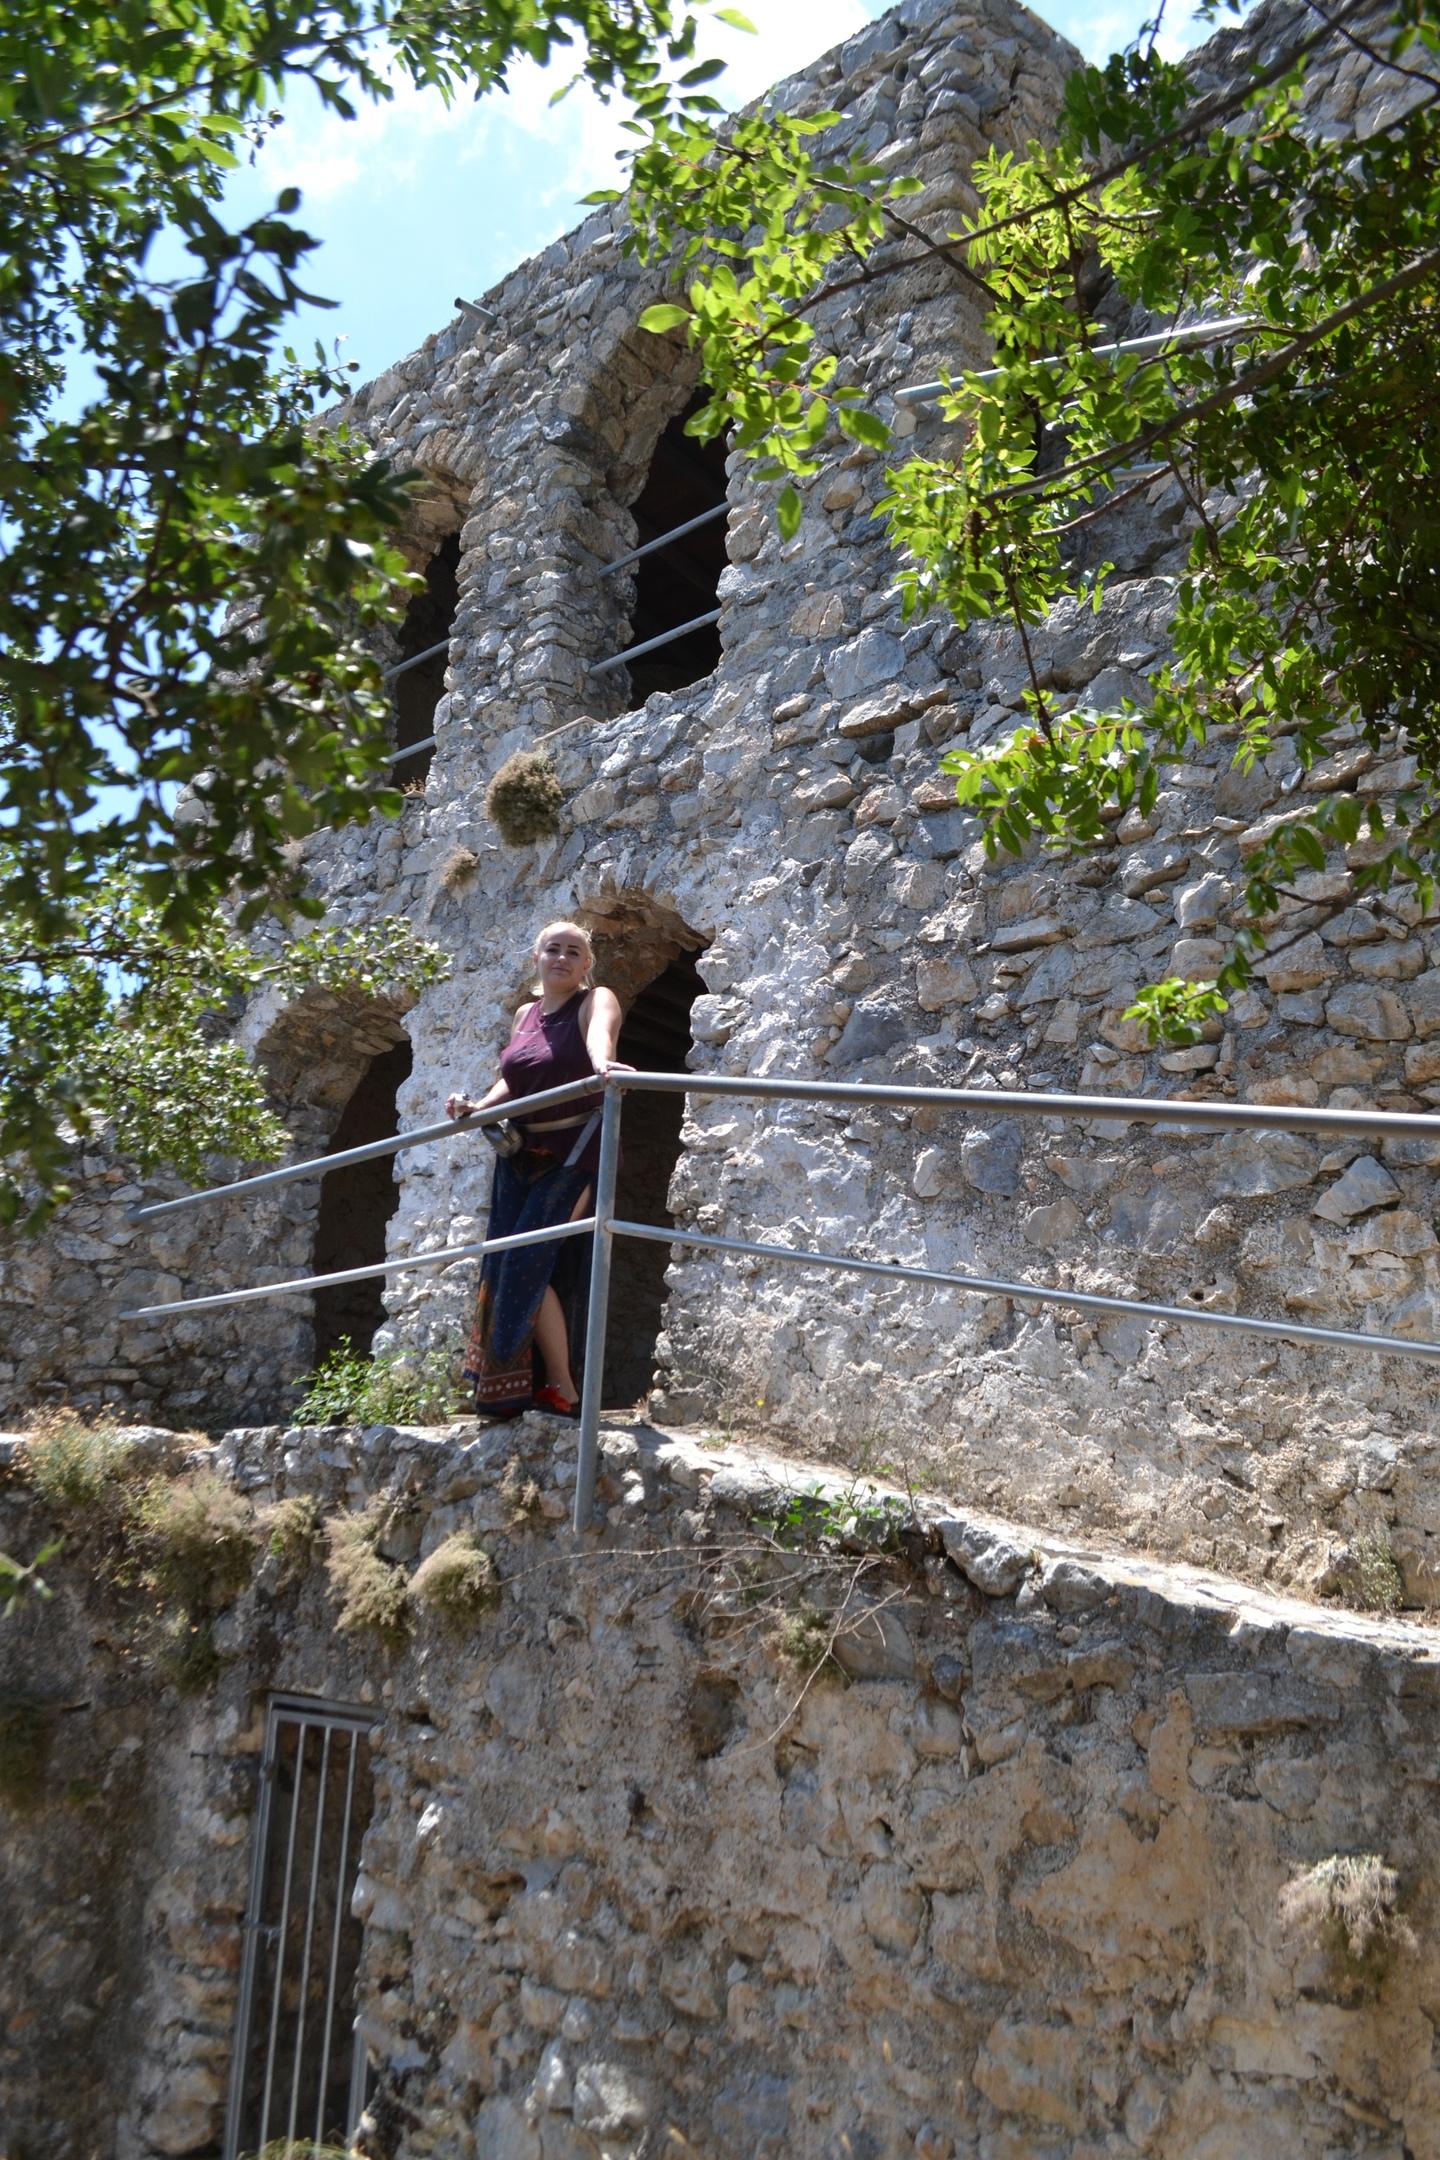 Северный Кипр. Замок Святого Иллариона. (фото). P6gM8--y8mI